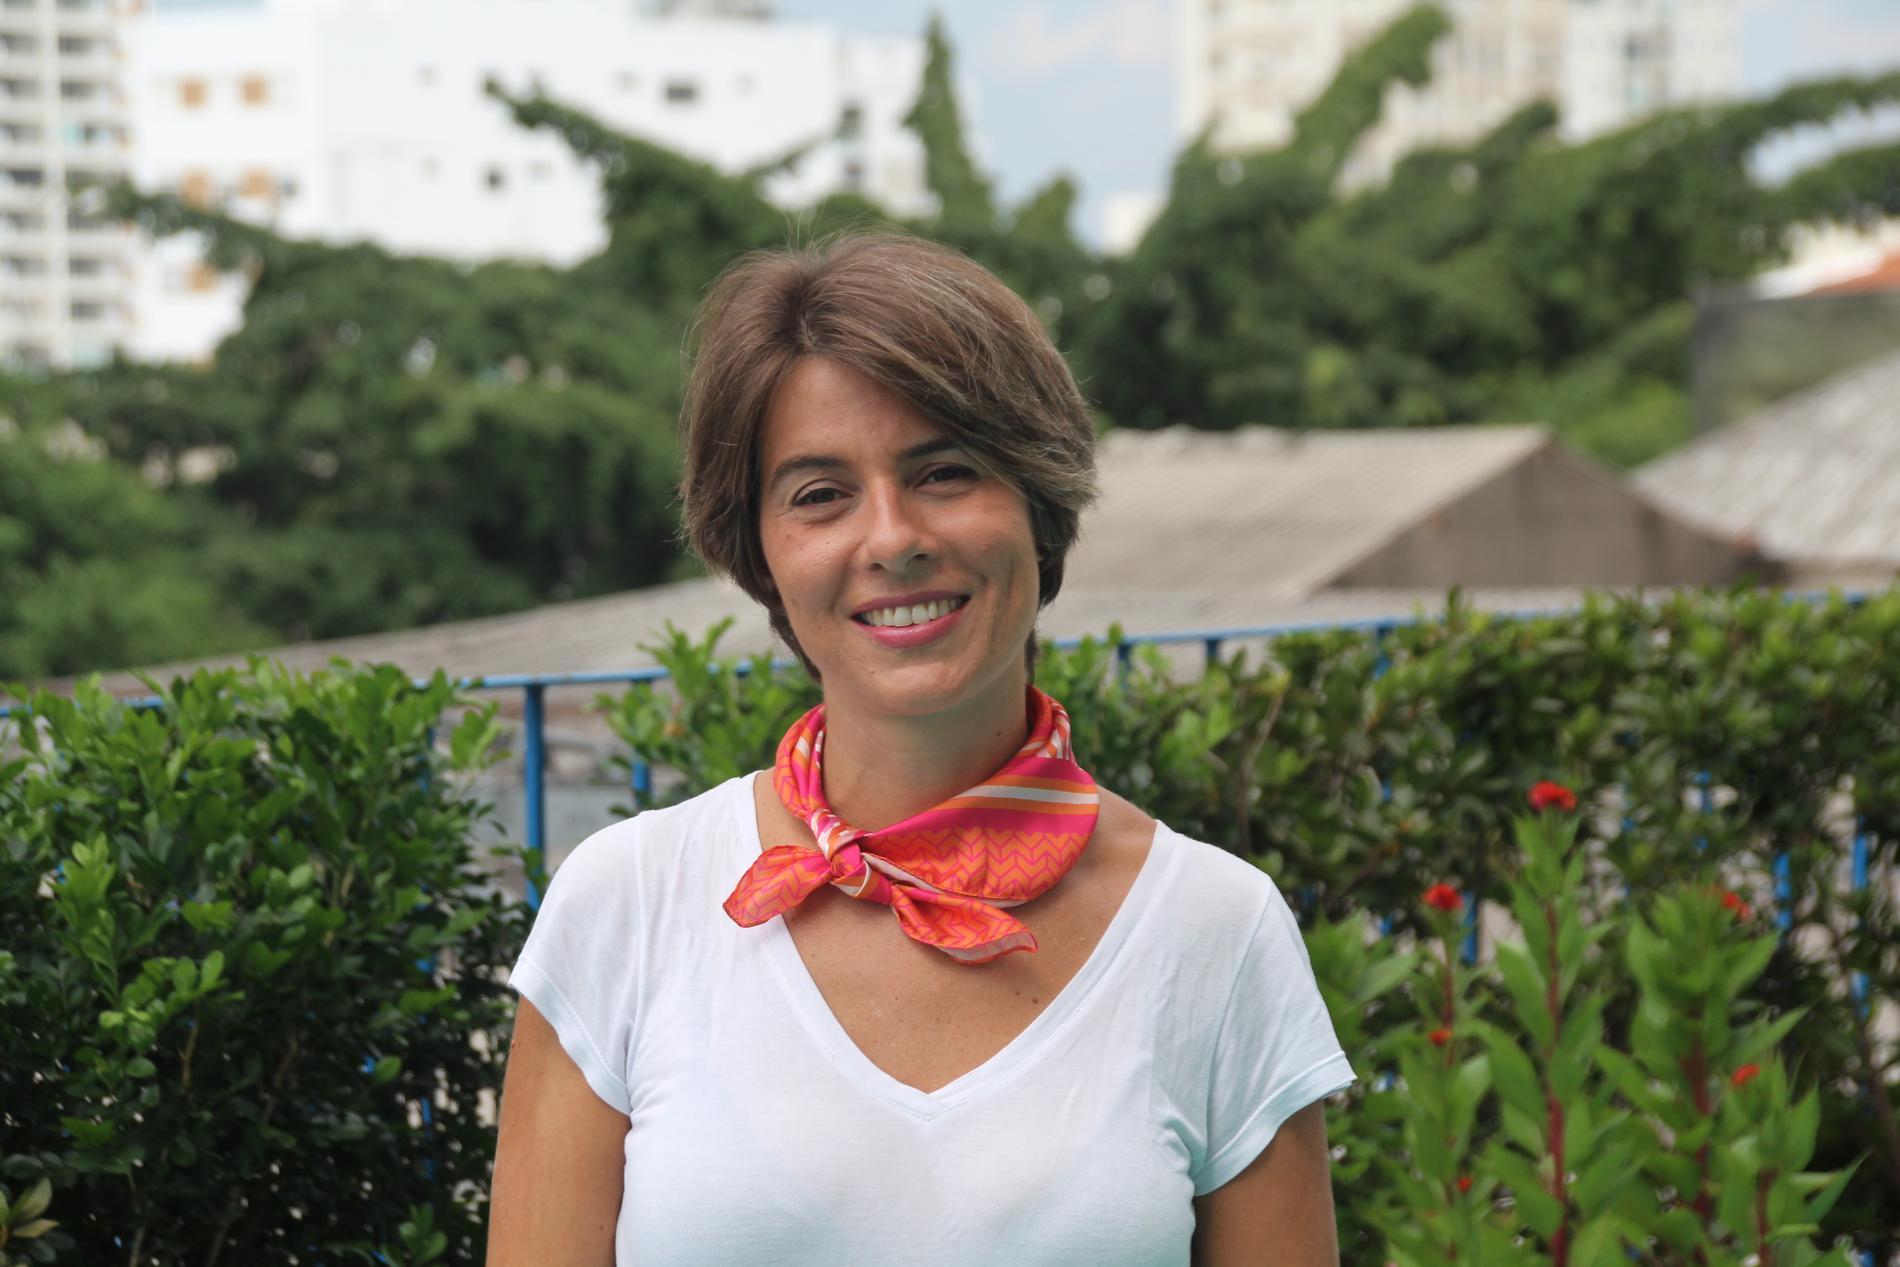 Carla Avesani, forskningskoordinator på Karolinska Institutet i Stockholm